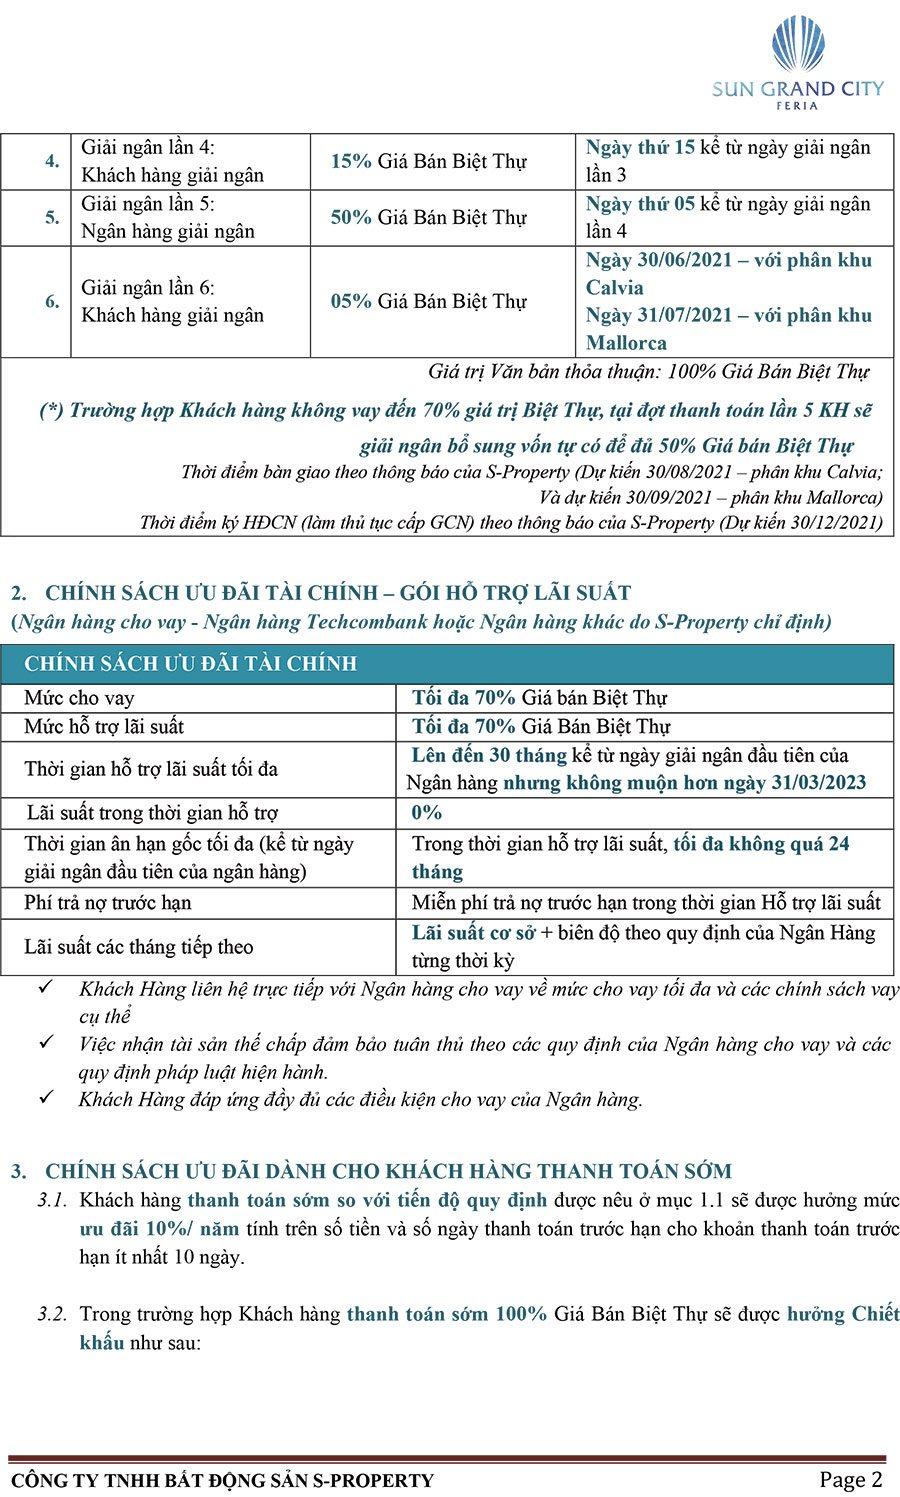 Chính sách bán hàng biệt thự Sun Grand City Feria Hạ Long - Trang 2.